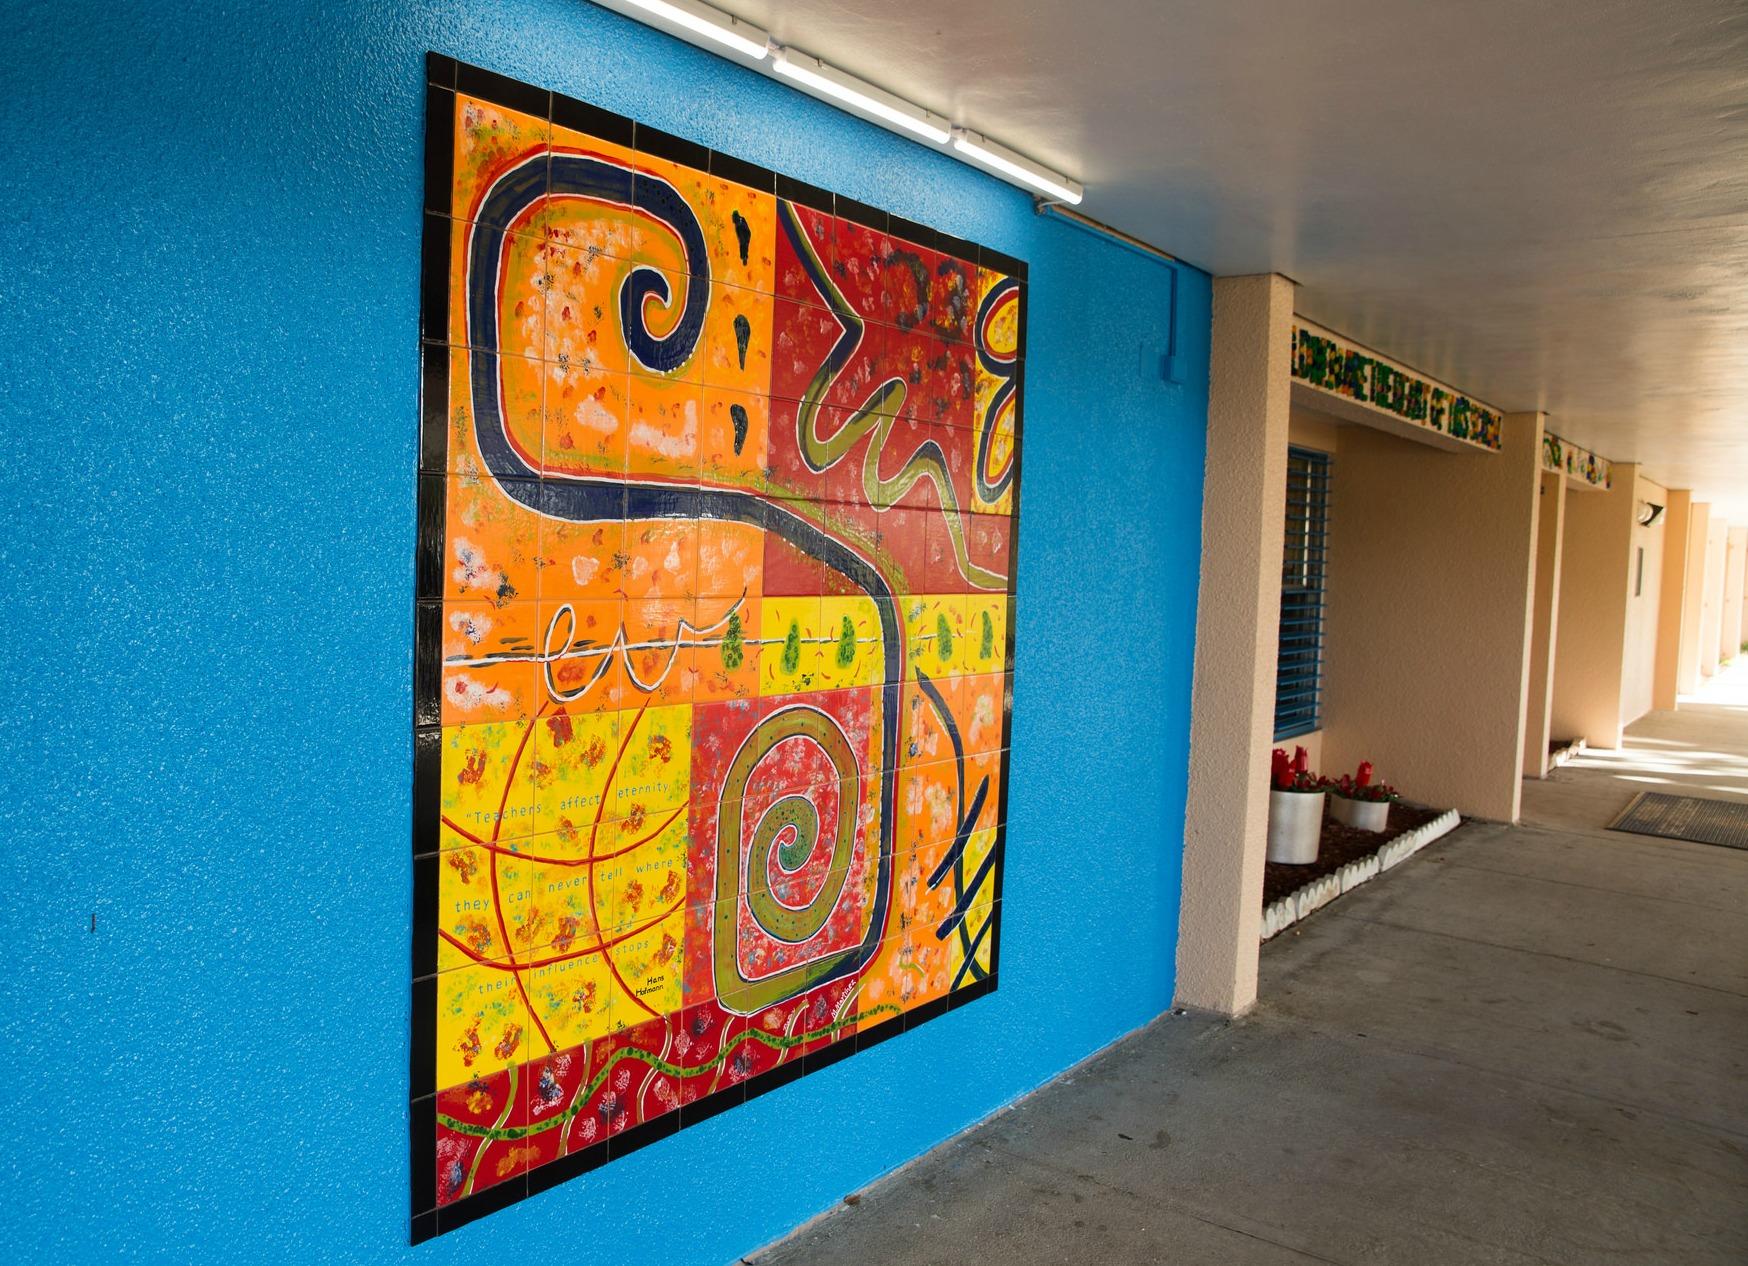 SWE mural